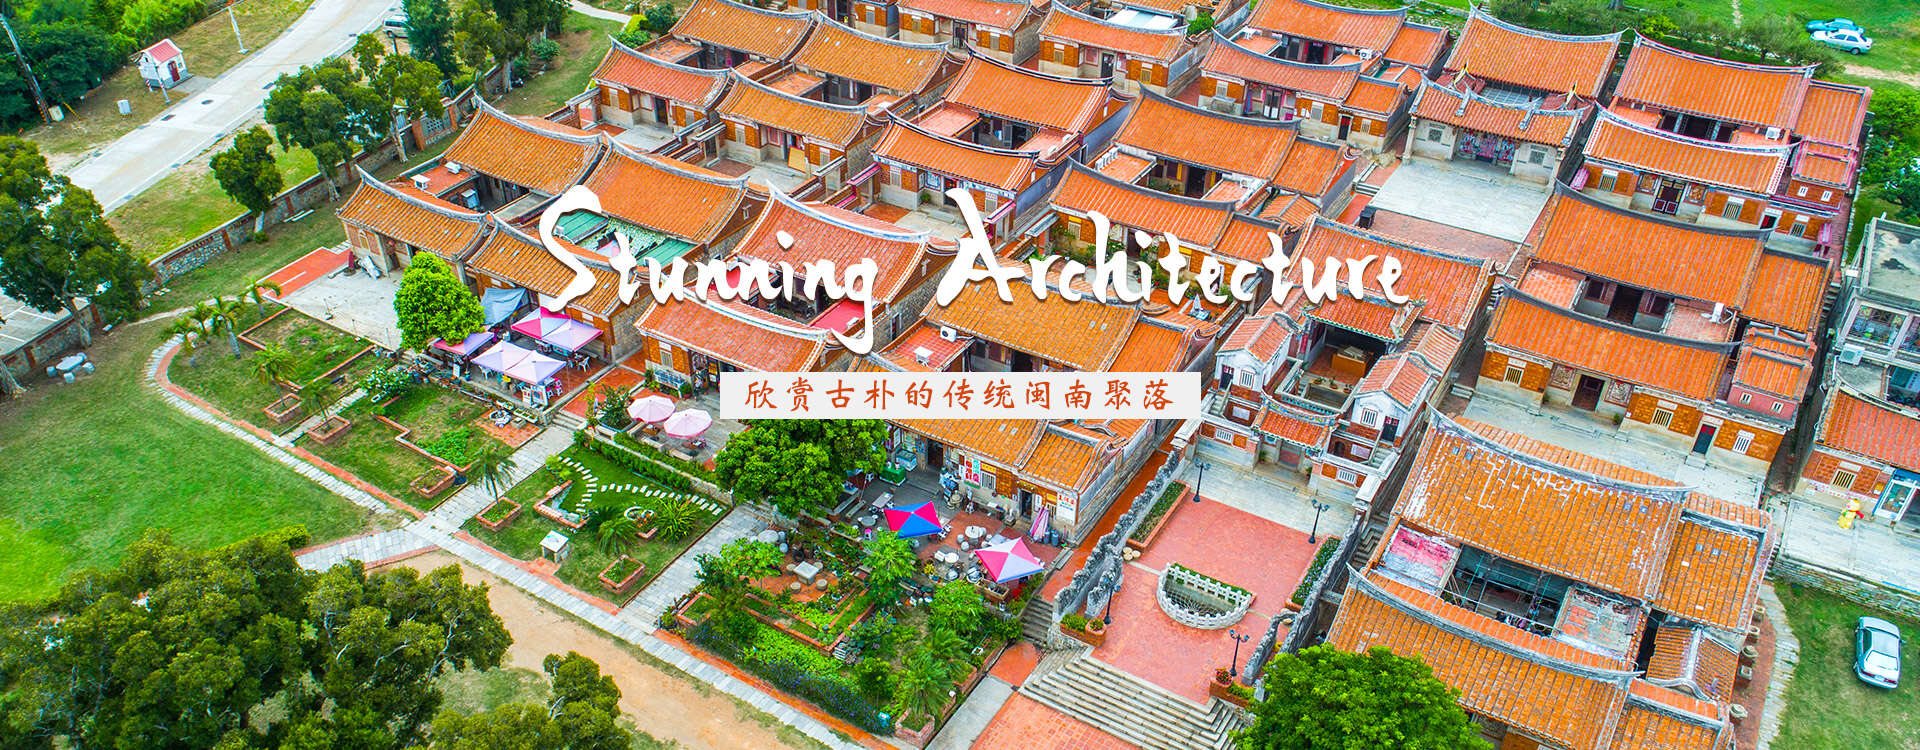 欣赏古朴的传统闽南聚落